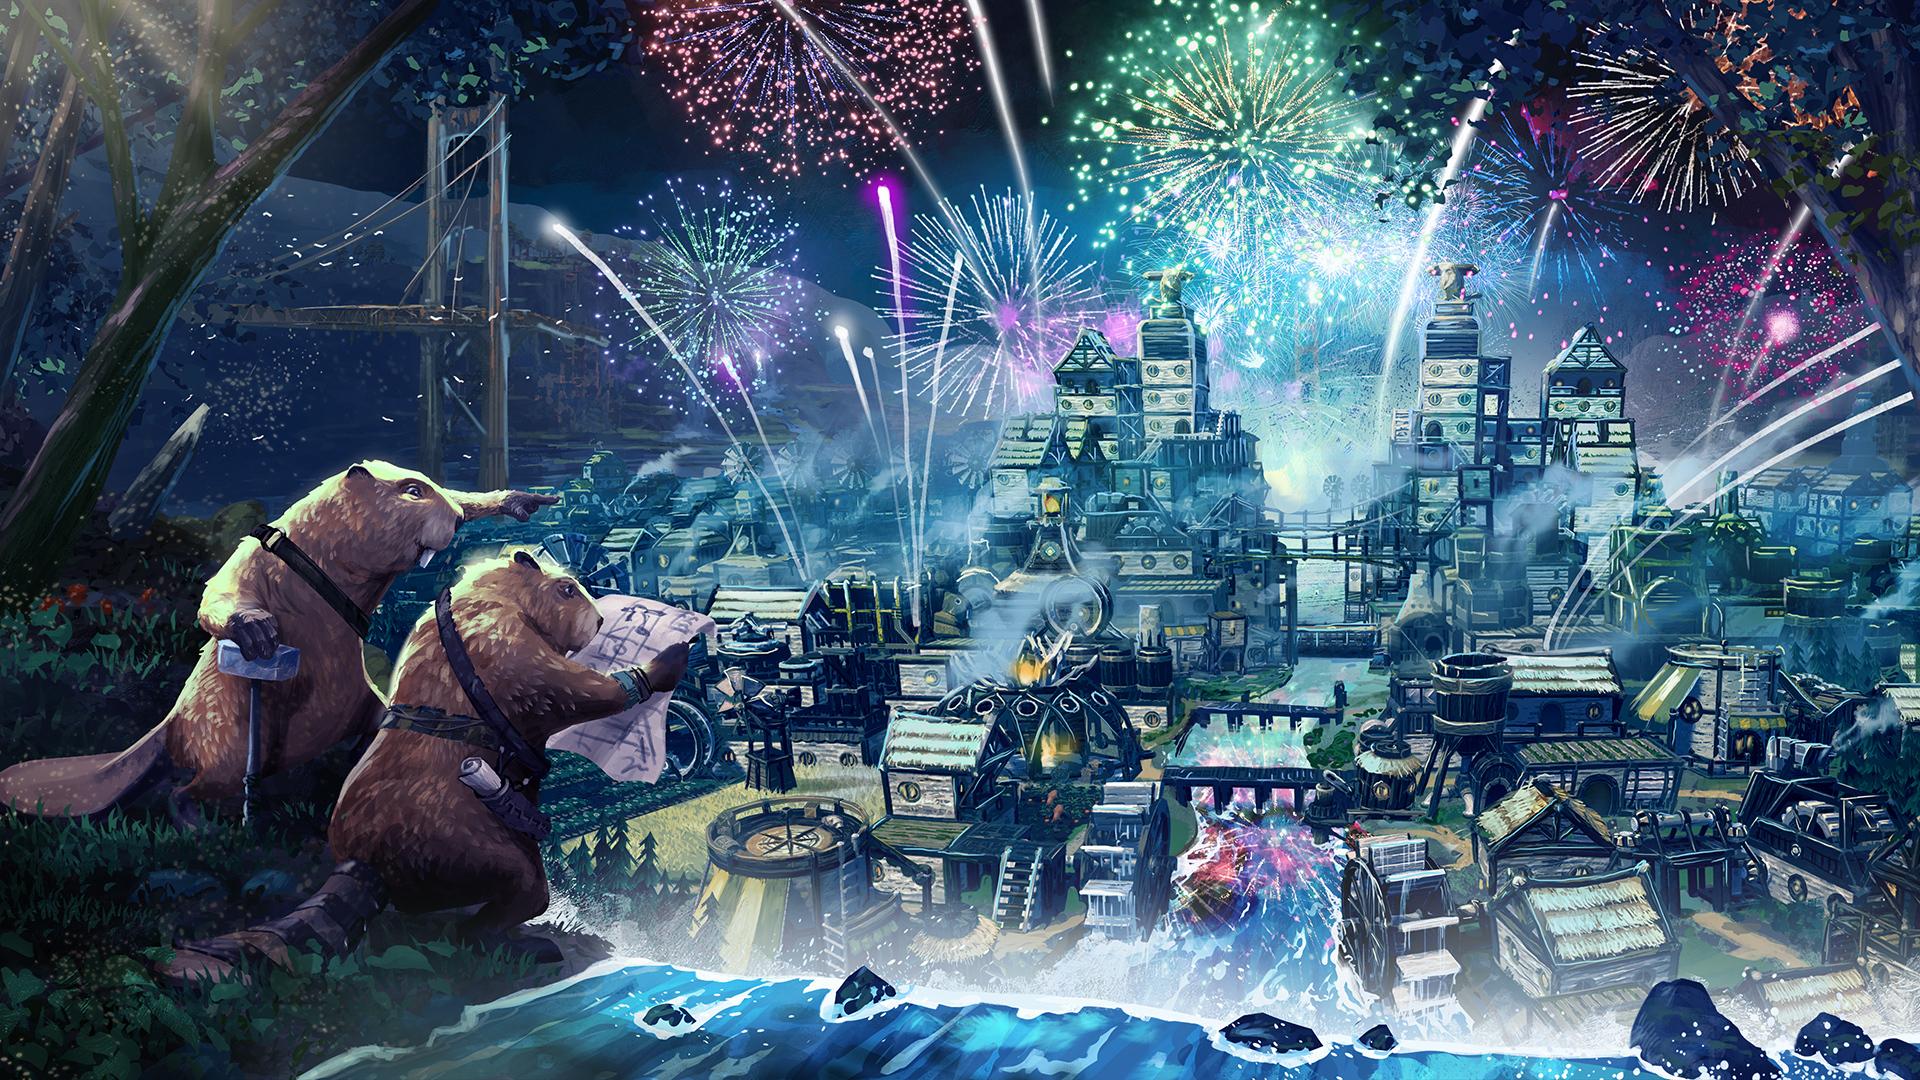 《Timberborn》发售7天销量超13万 Steam好评如潮